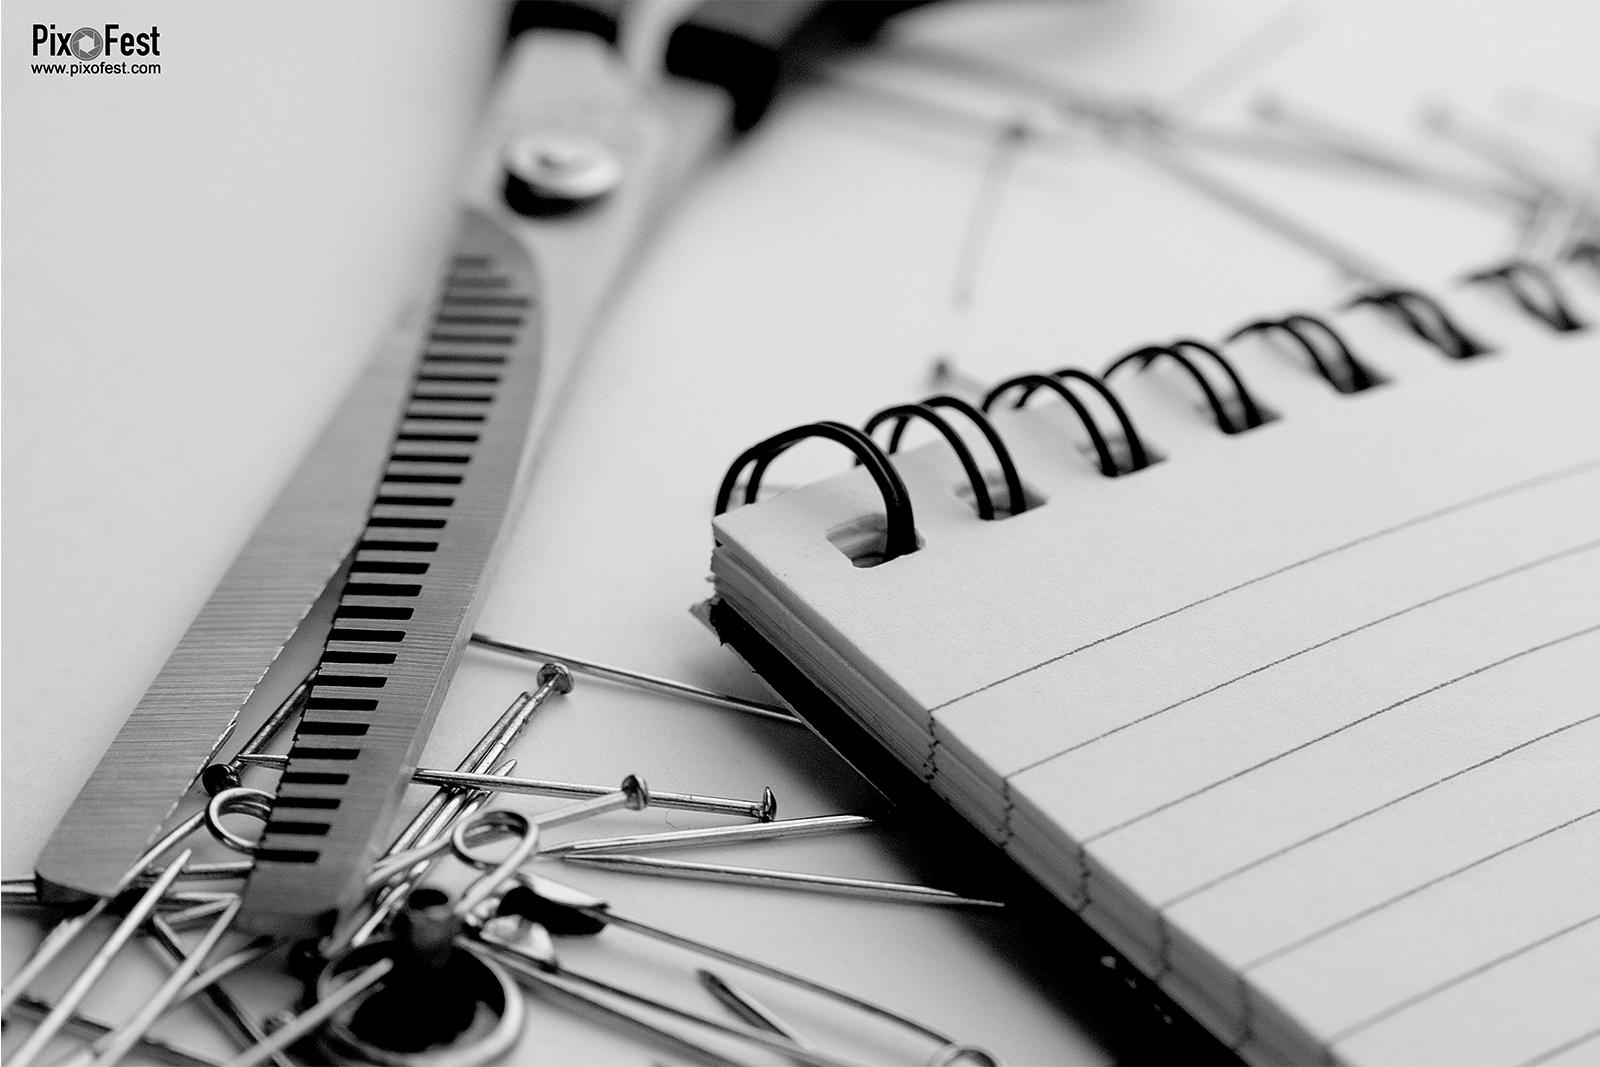 Scissor and notebook, Scissor, notebook,Sisor and notebook,